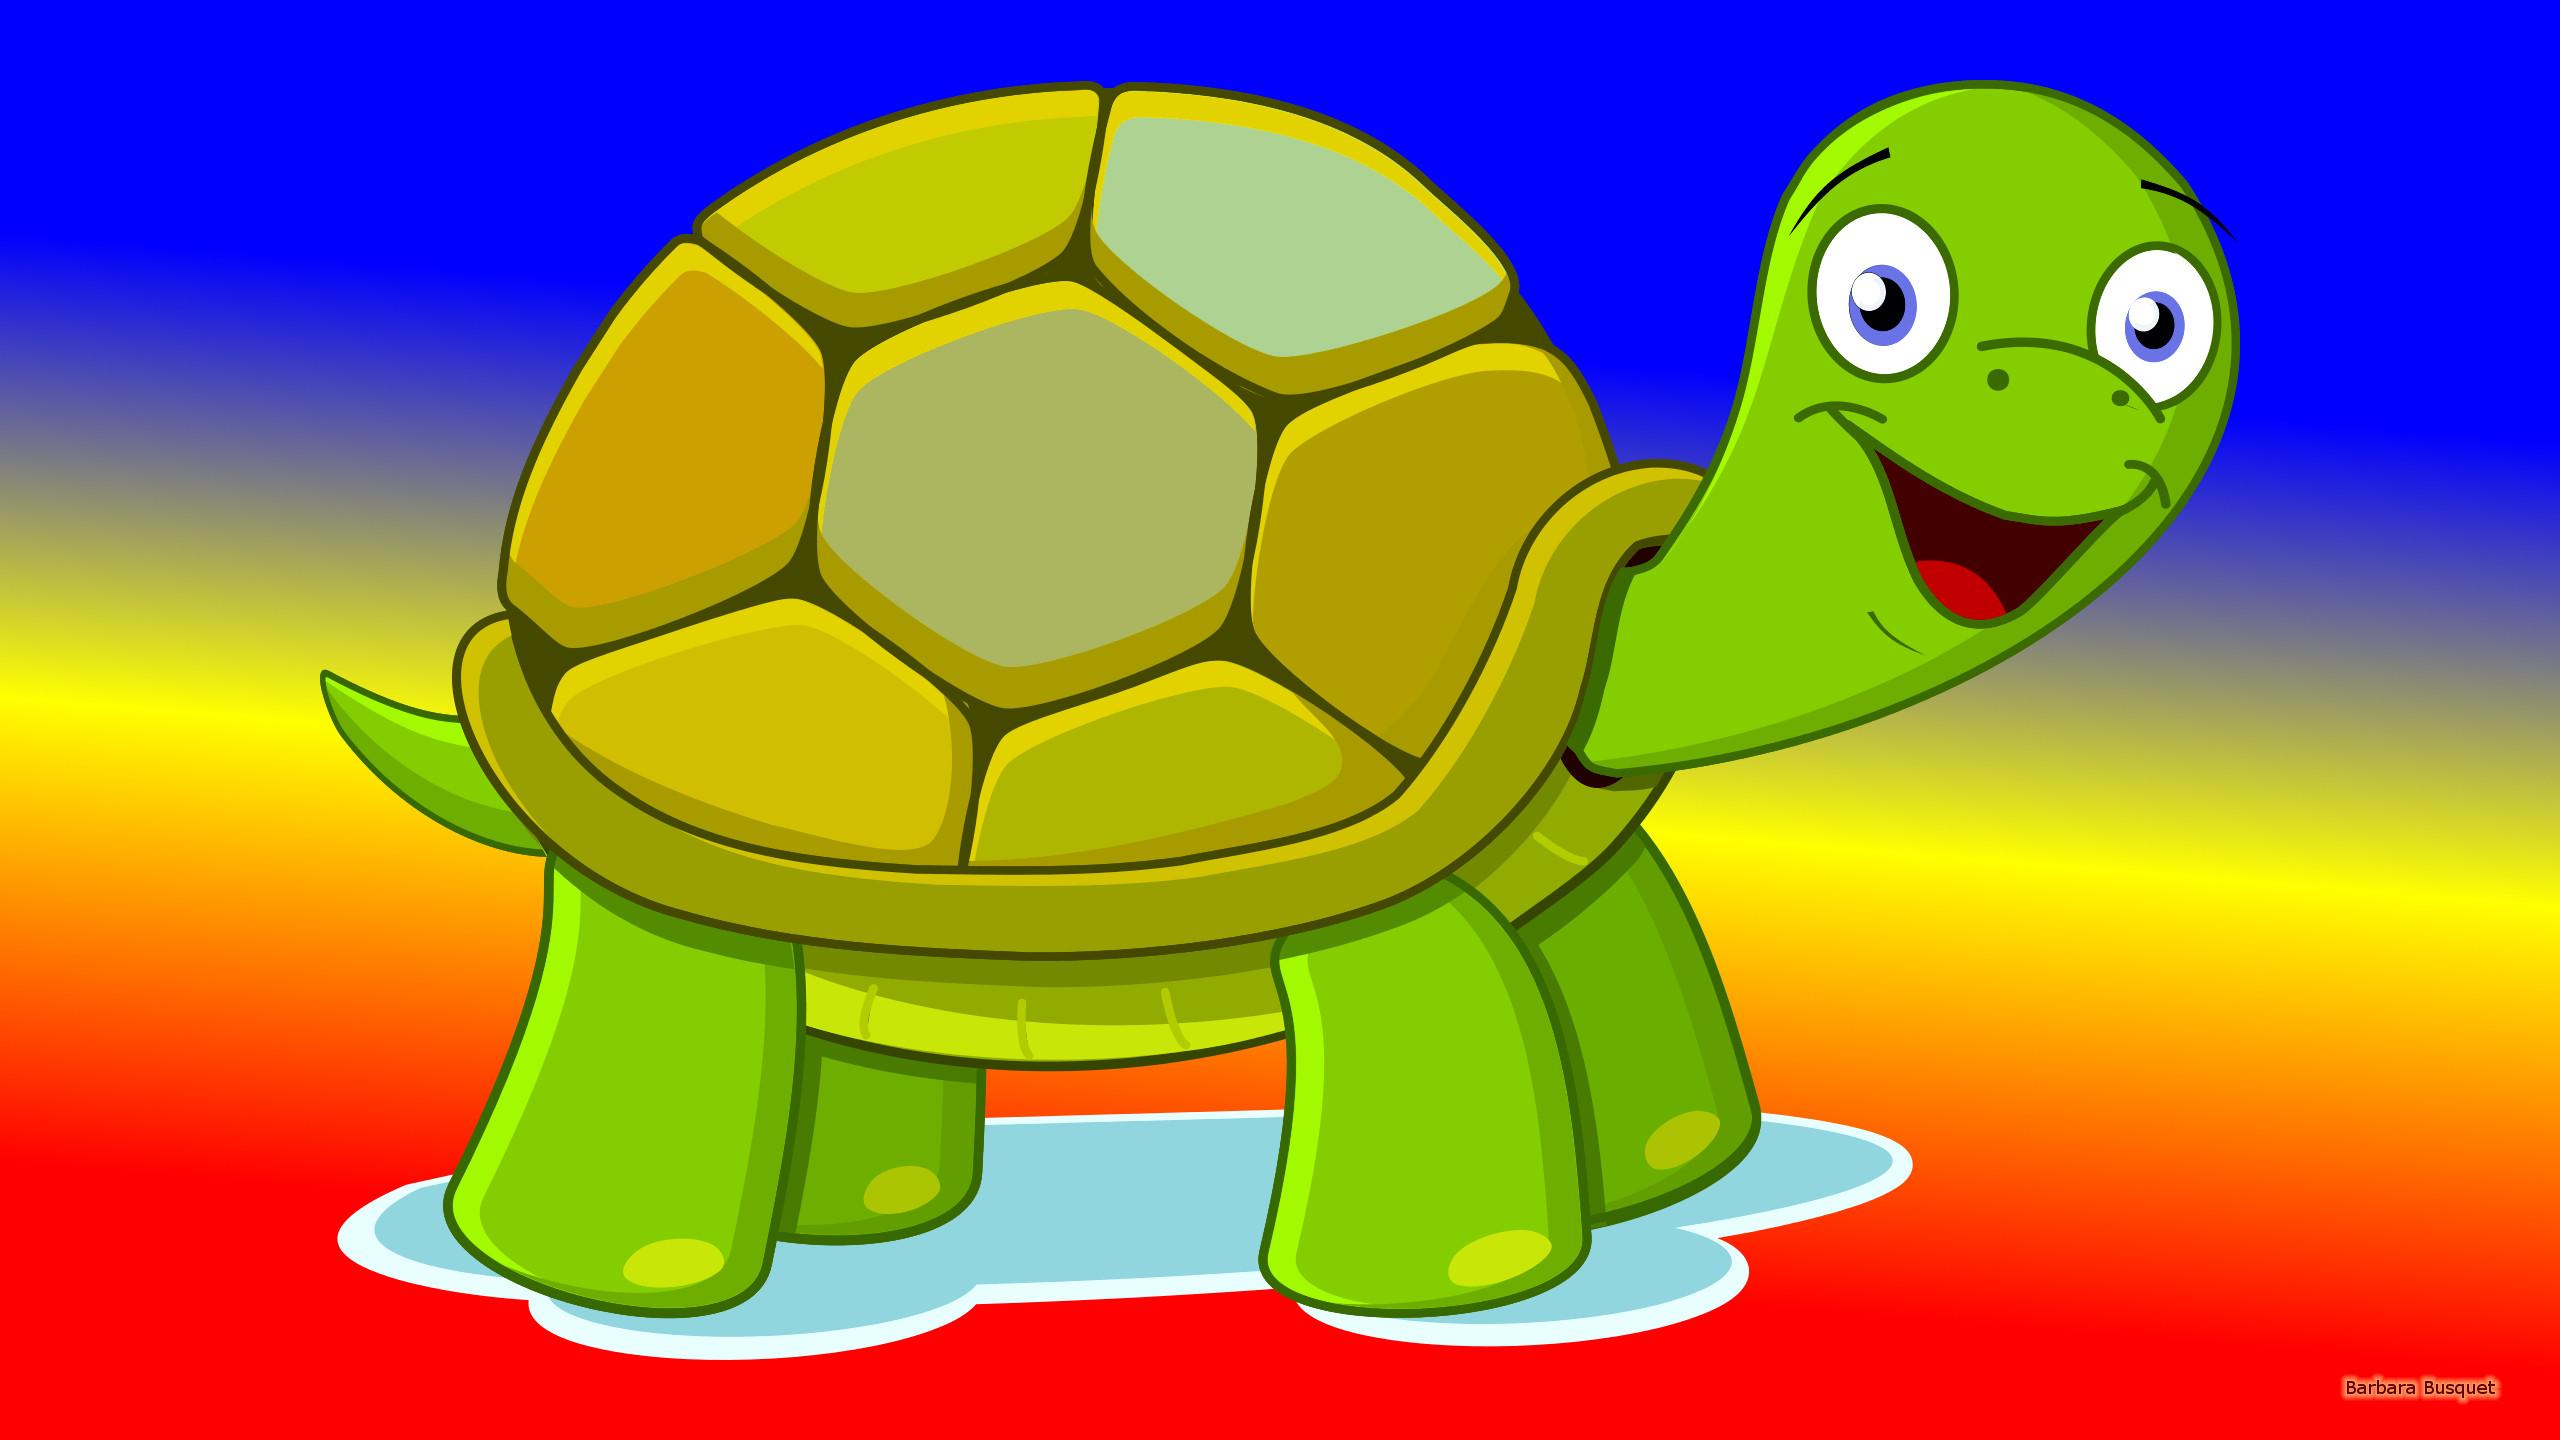 Картинки с черепахами мультяшные, картинки фото